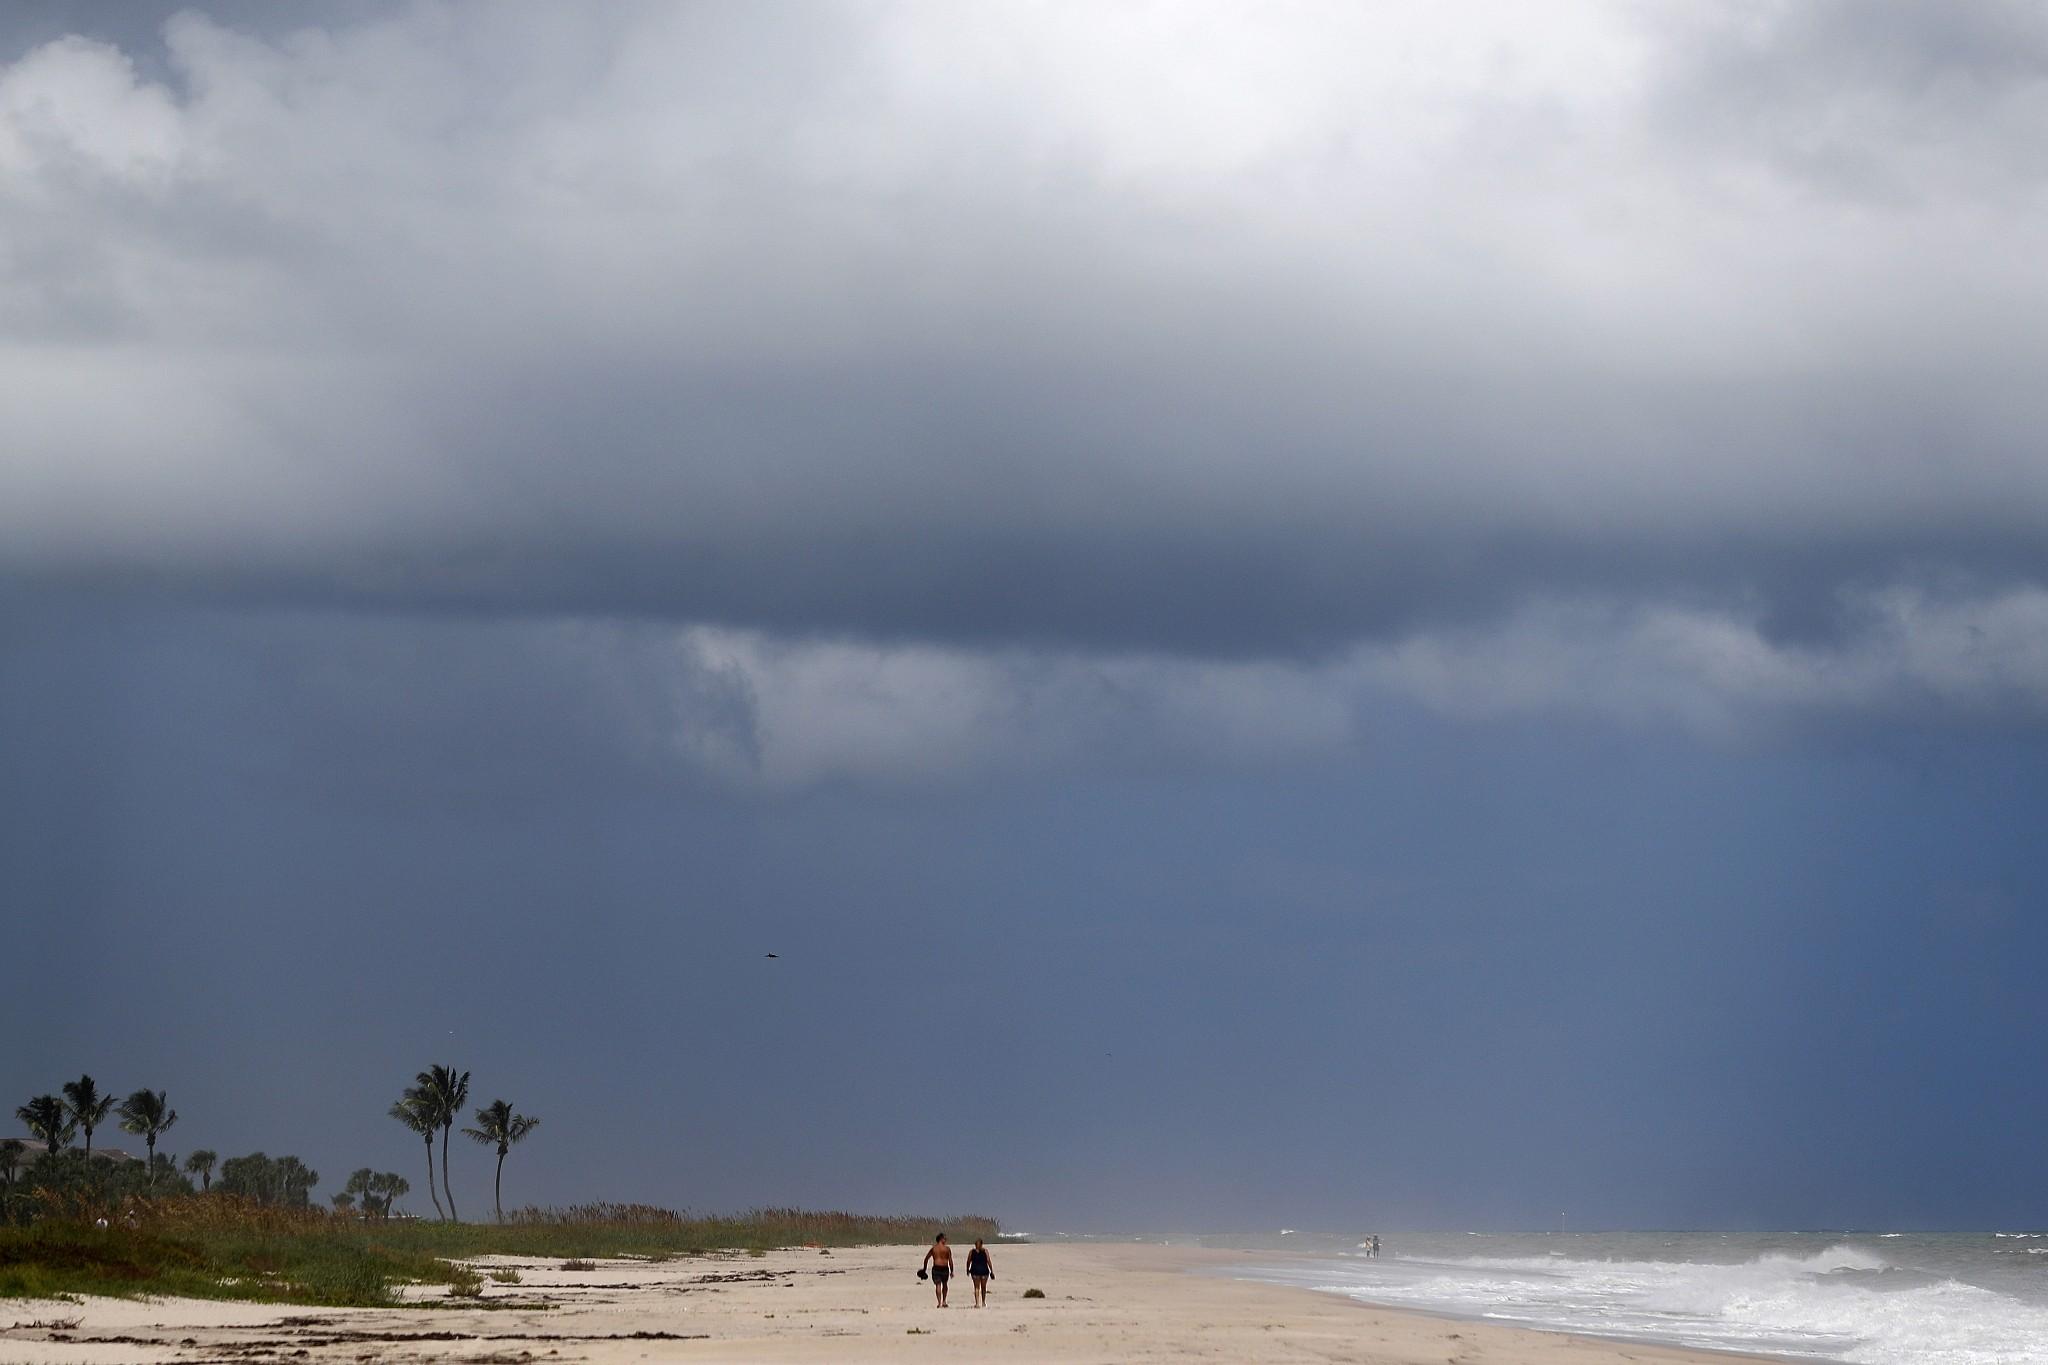 U.S.  braced as 'catastrophic' hurricane crashes into Bahamas